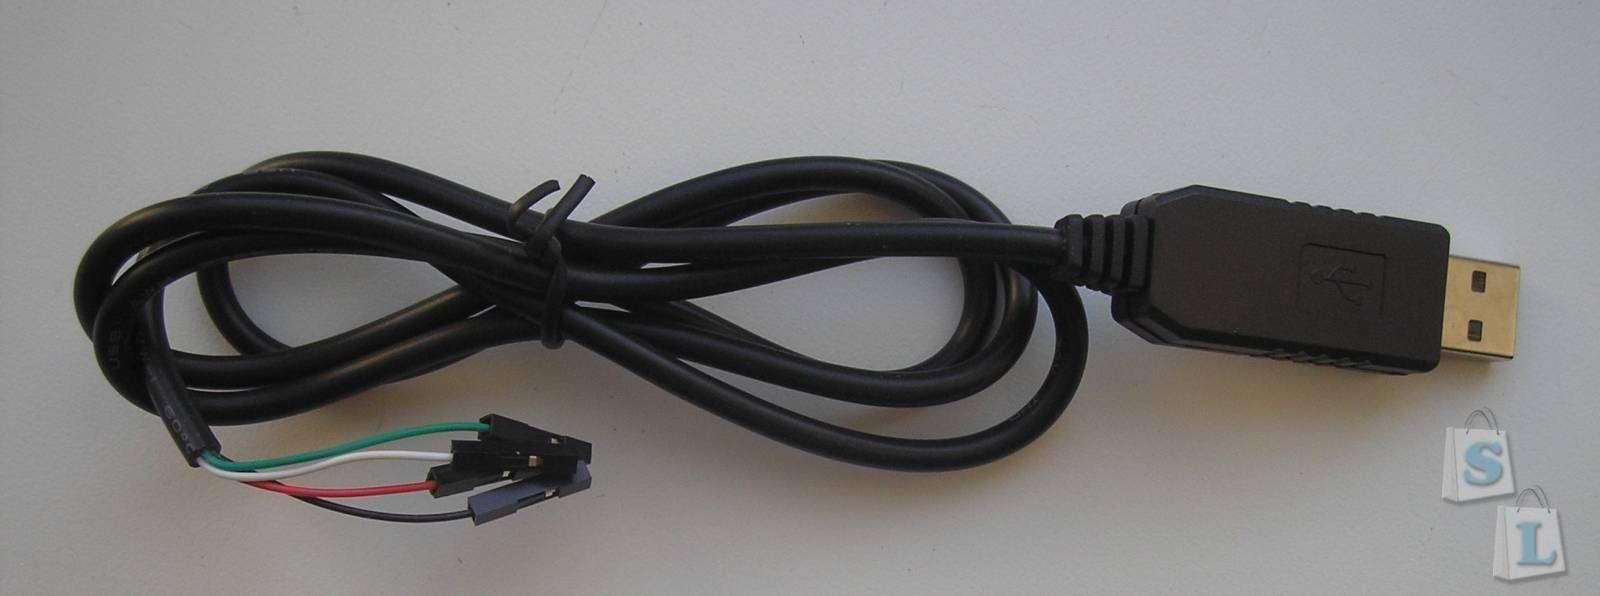 Banggood: ESP-201 WIFI модуль на ESP8266